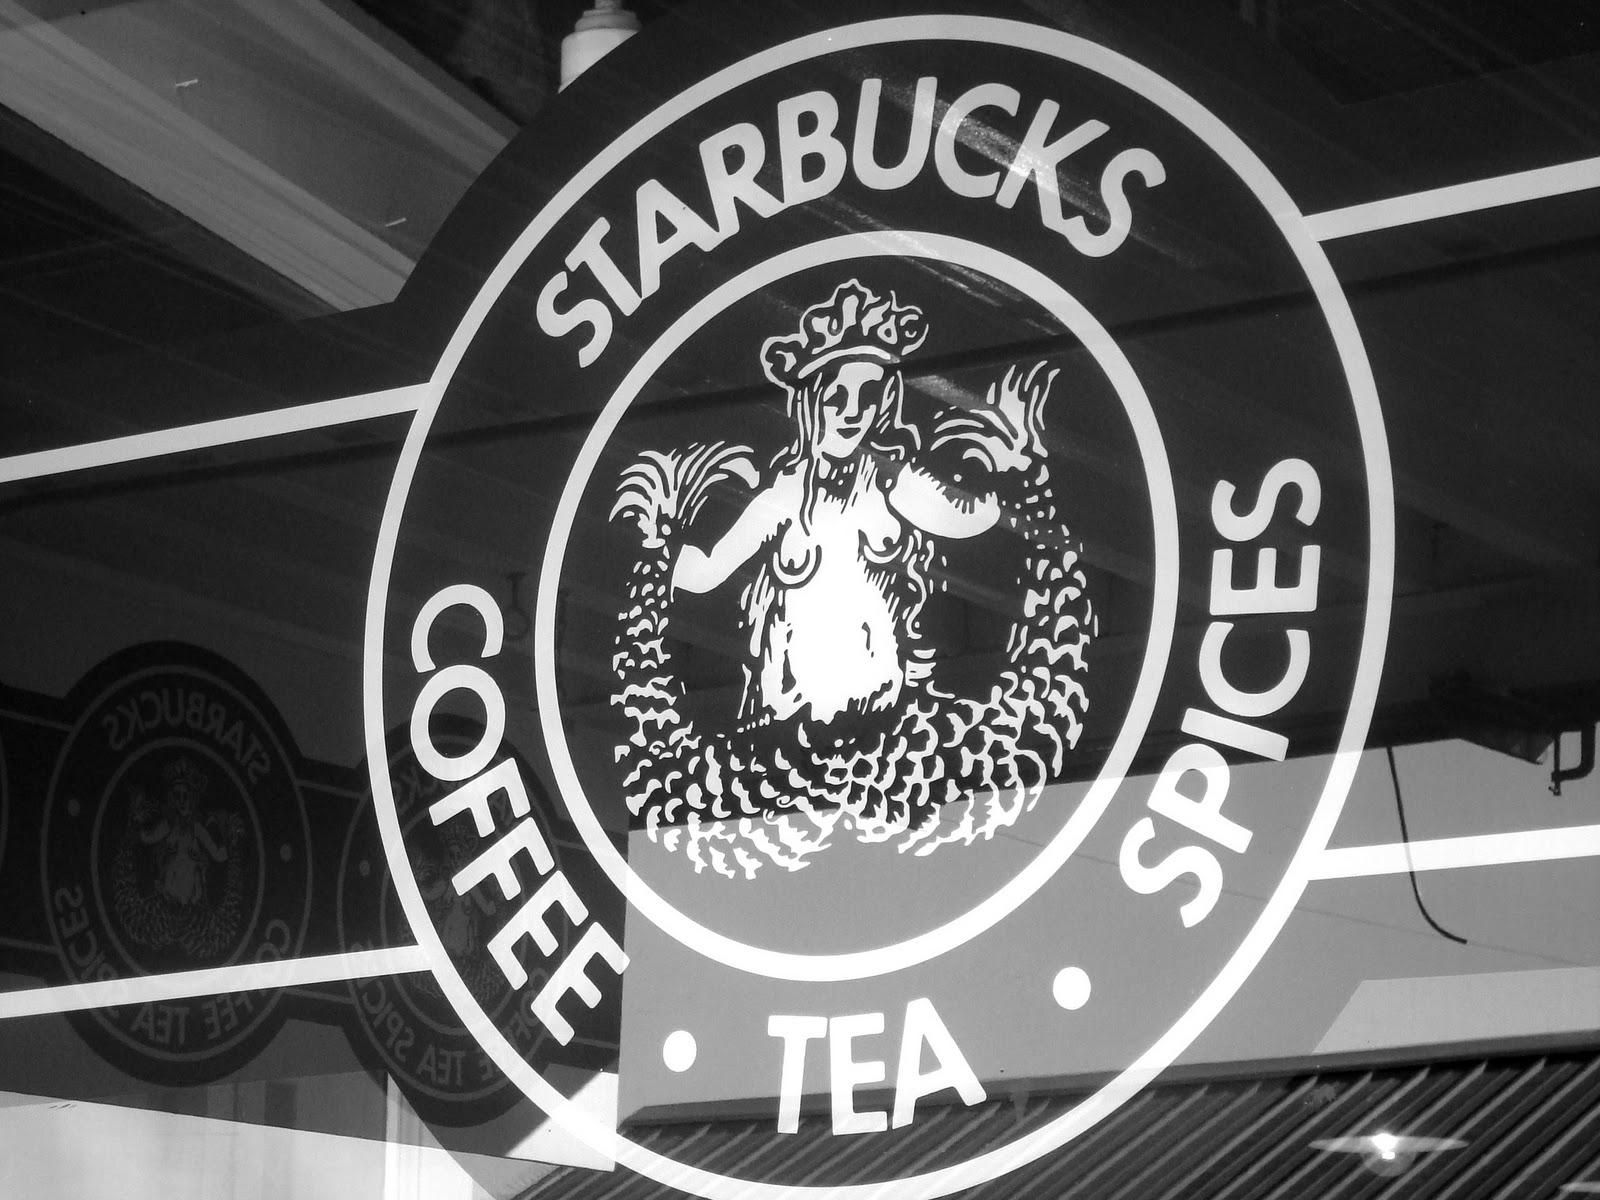 Cf Starbucks